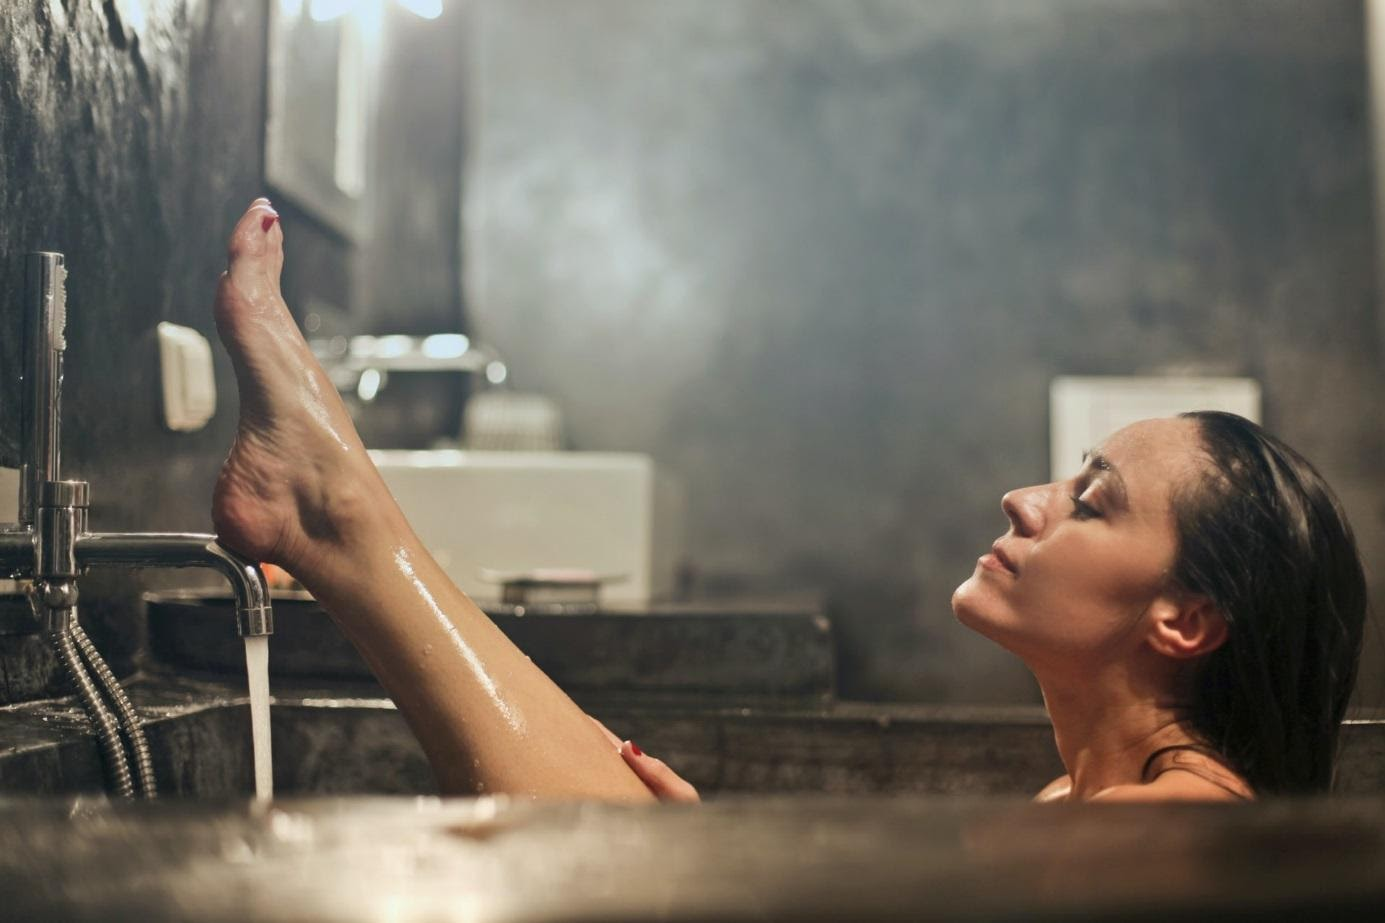 Jak prawidłowo dbać o higienę intymną